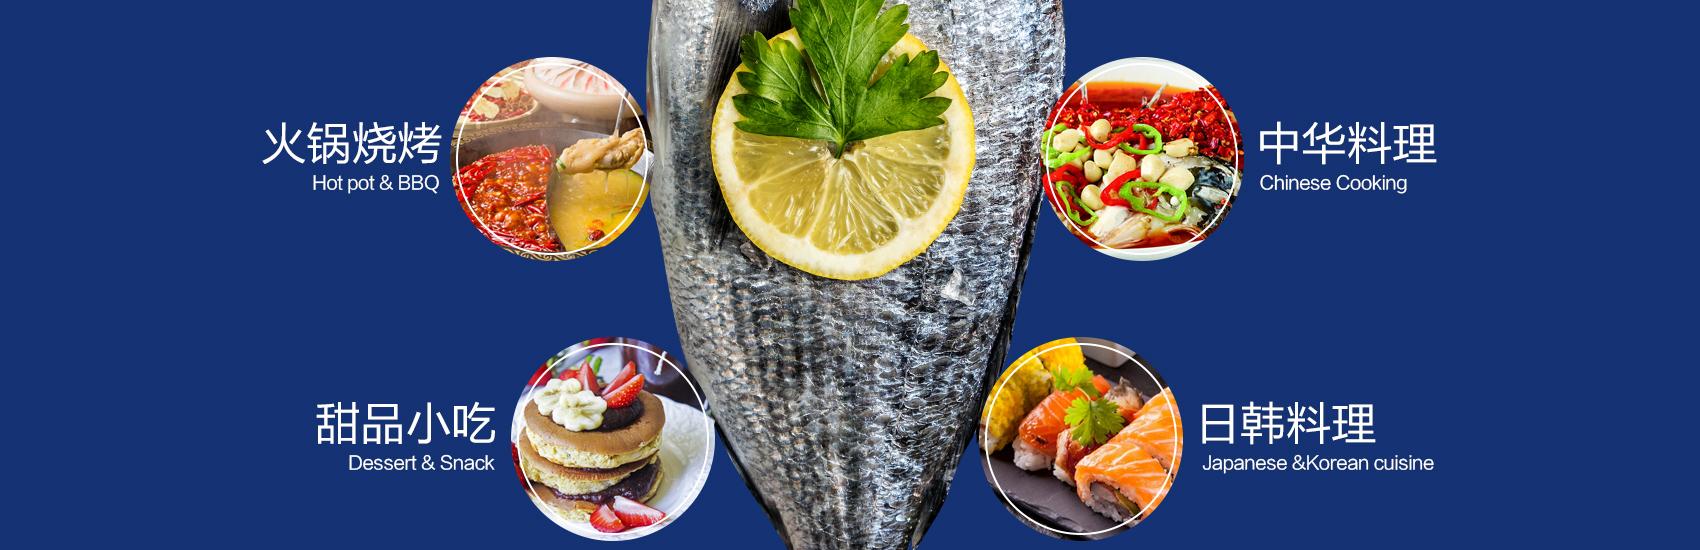 海鲜时间自助餐hxsj_04